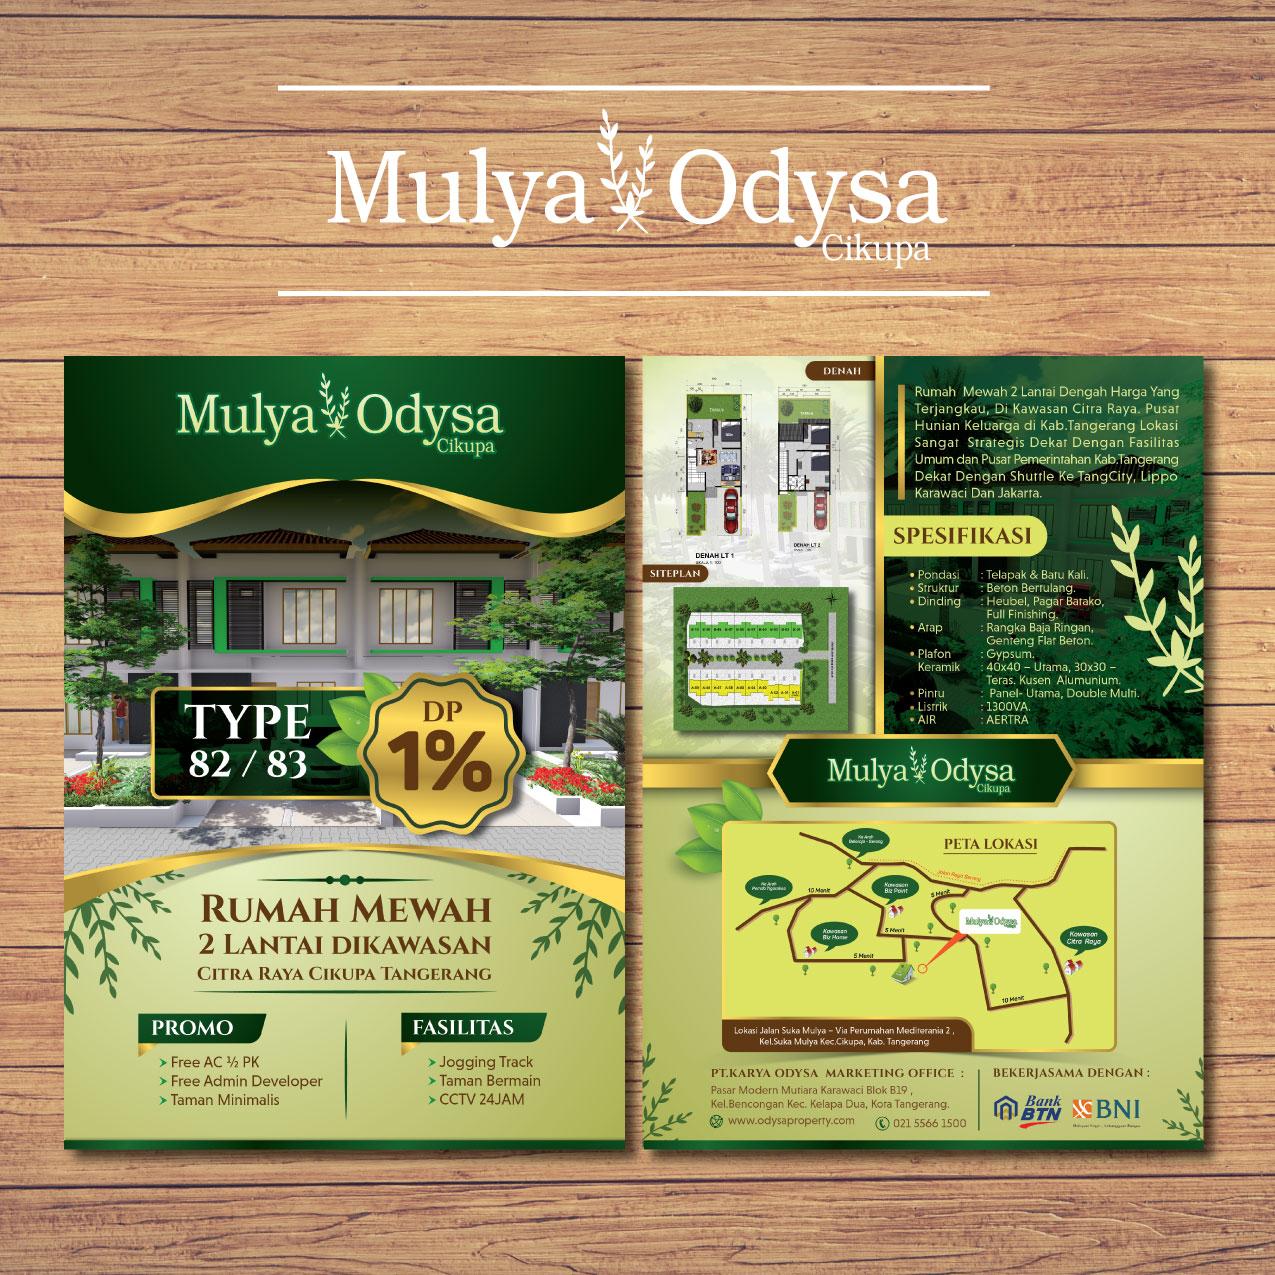 Jasa Desain Brosur Perumahan Mulya Odysa